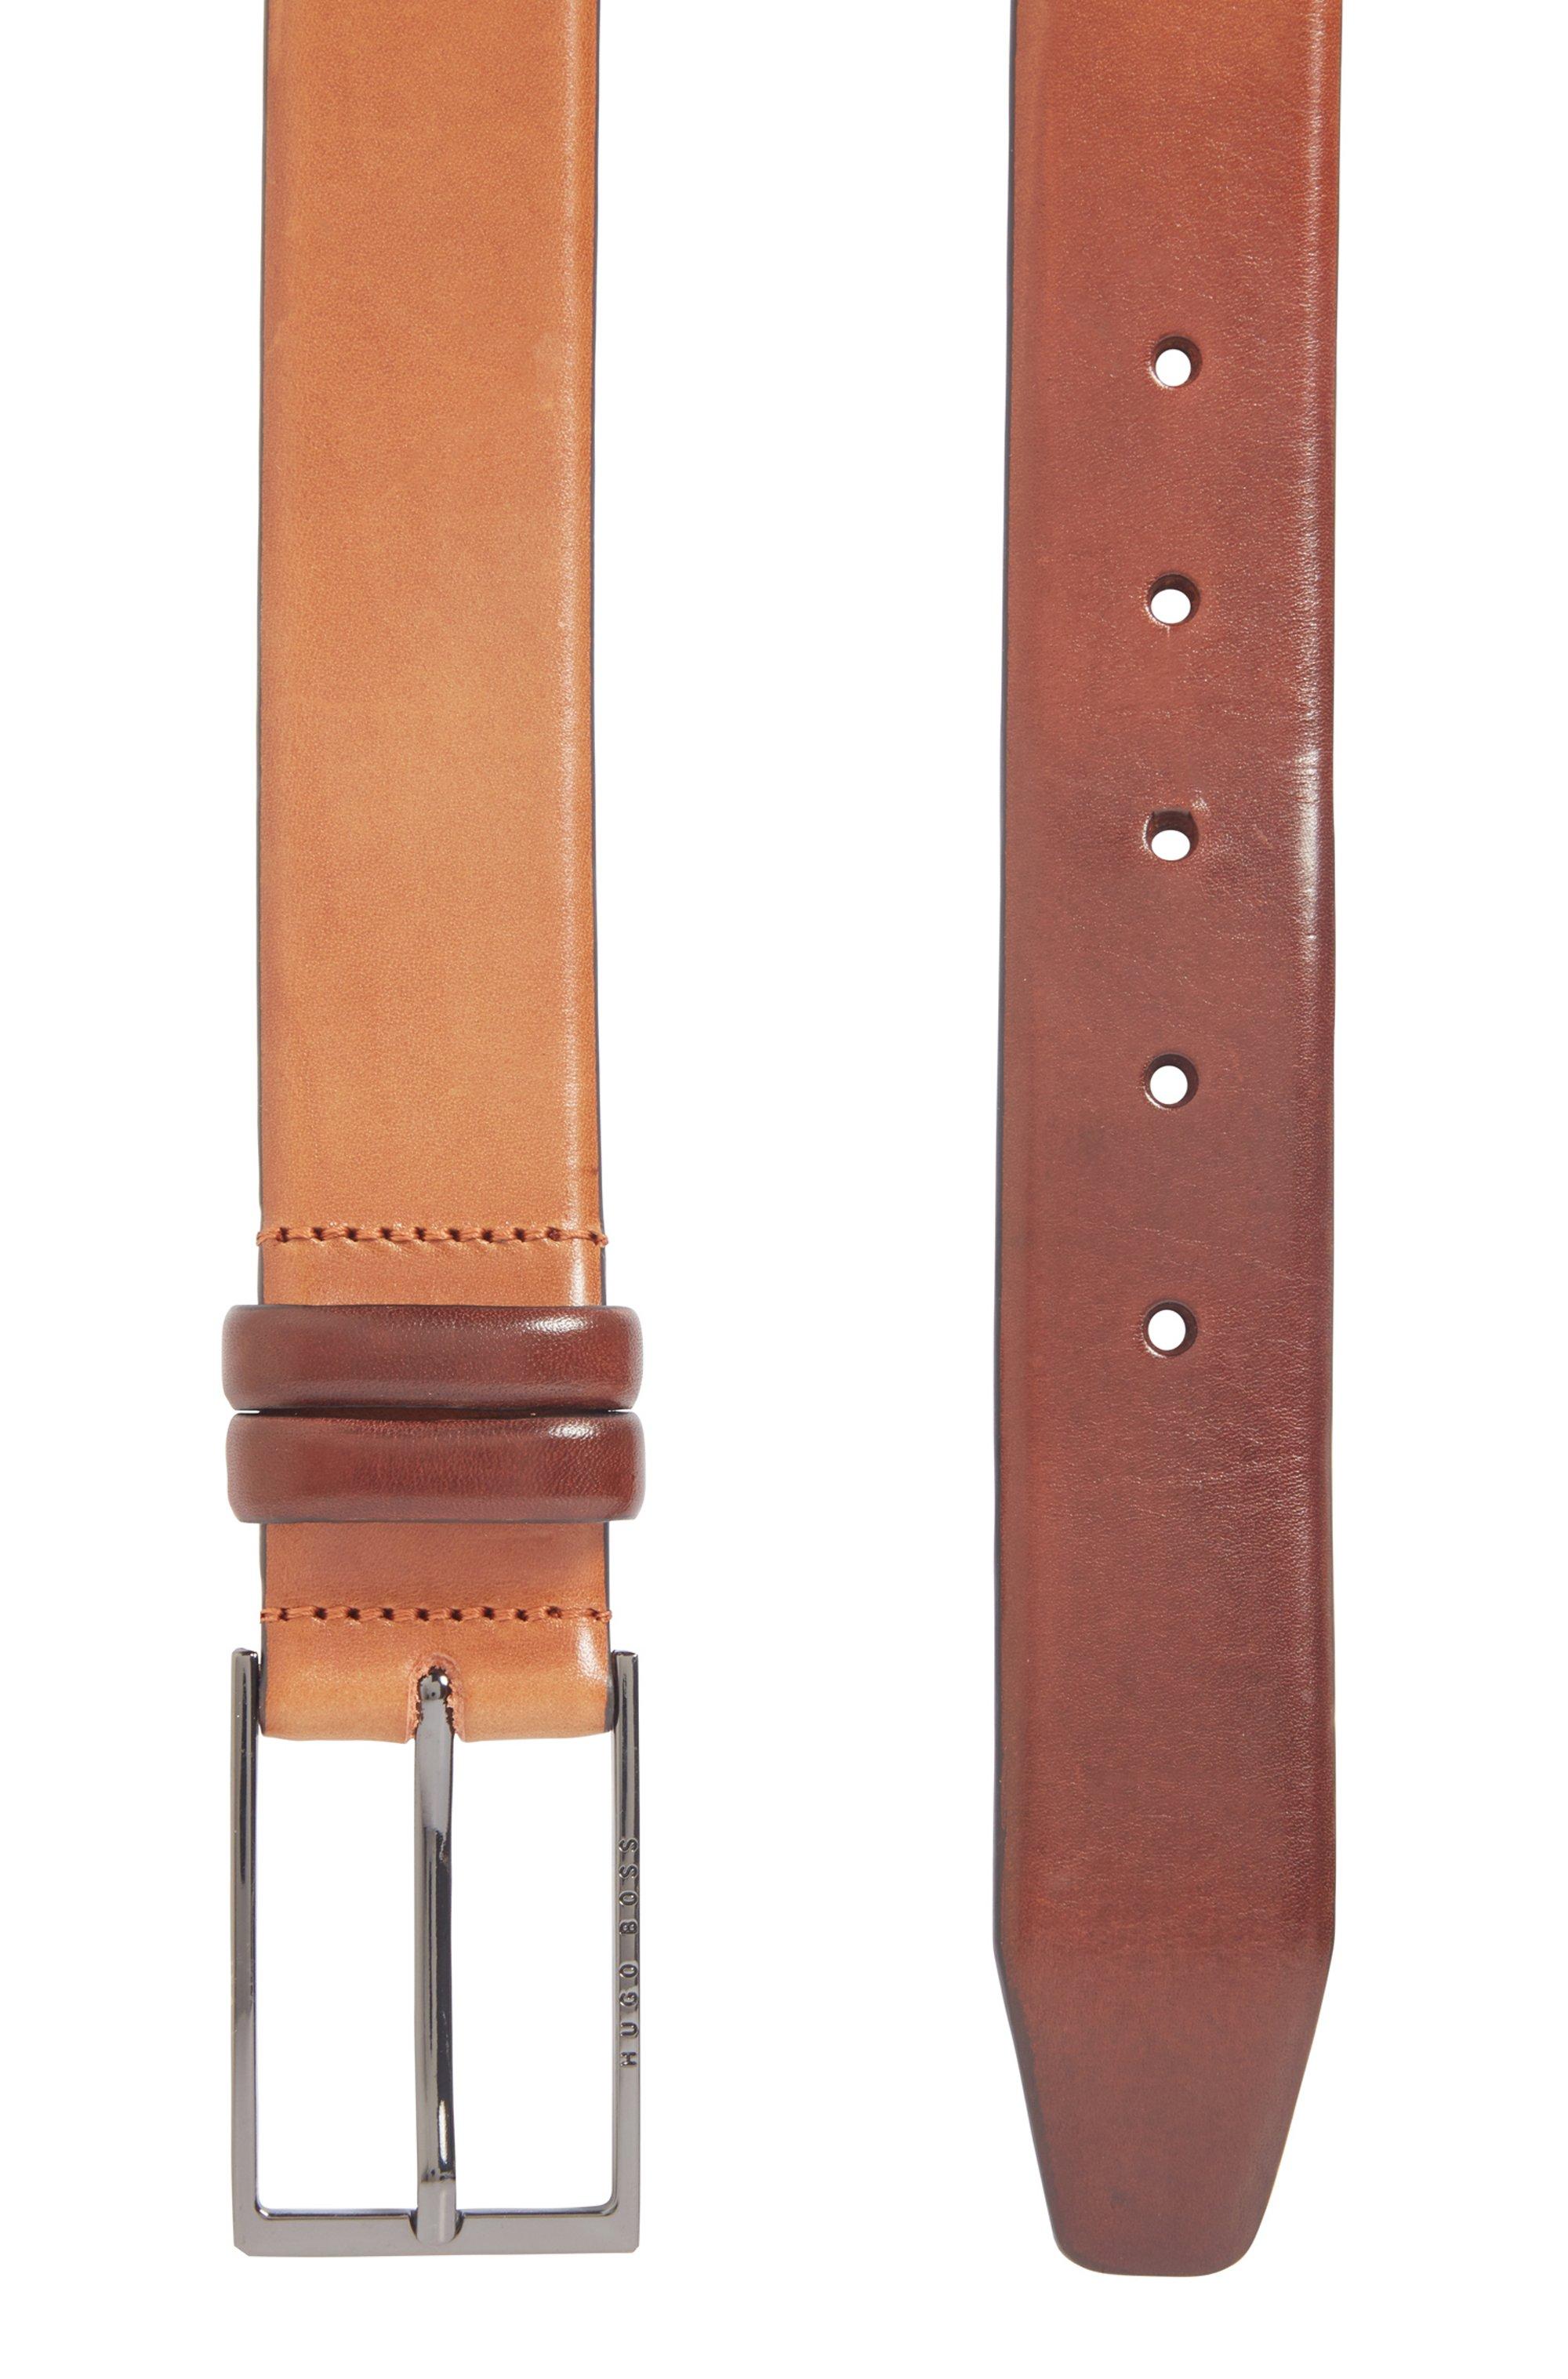 Gürtel aus pflanzlich gegerbtem Leder mit Metall-Details